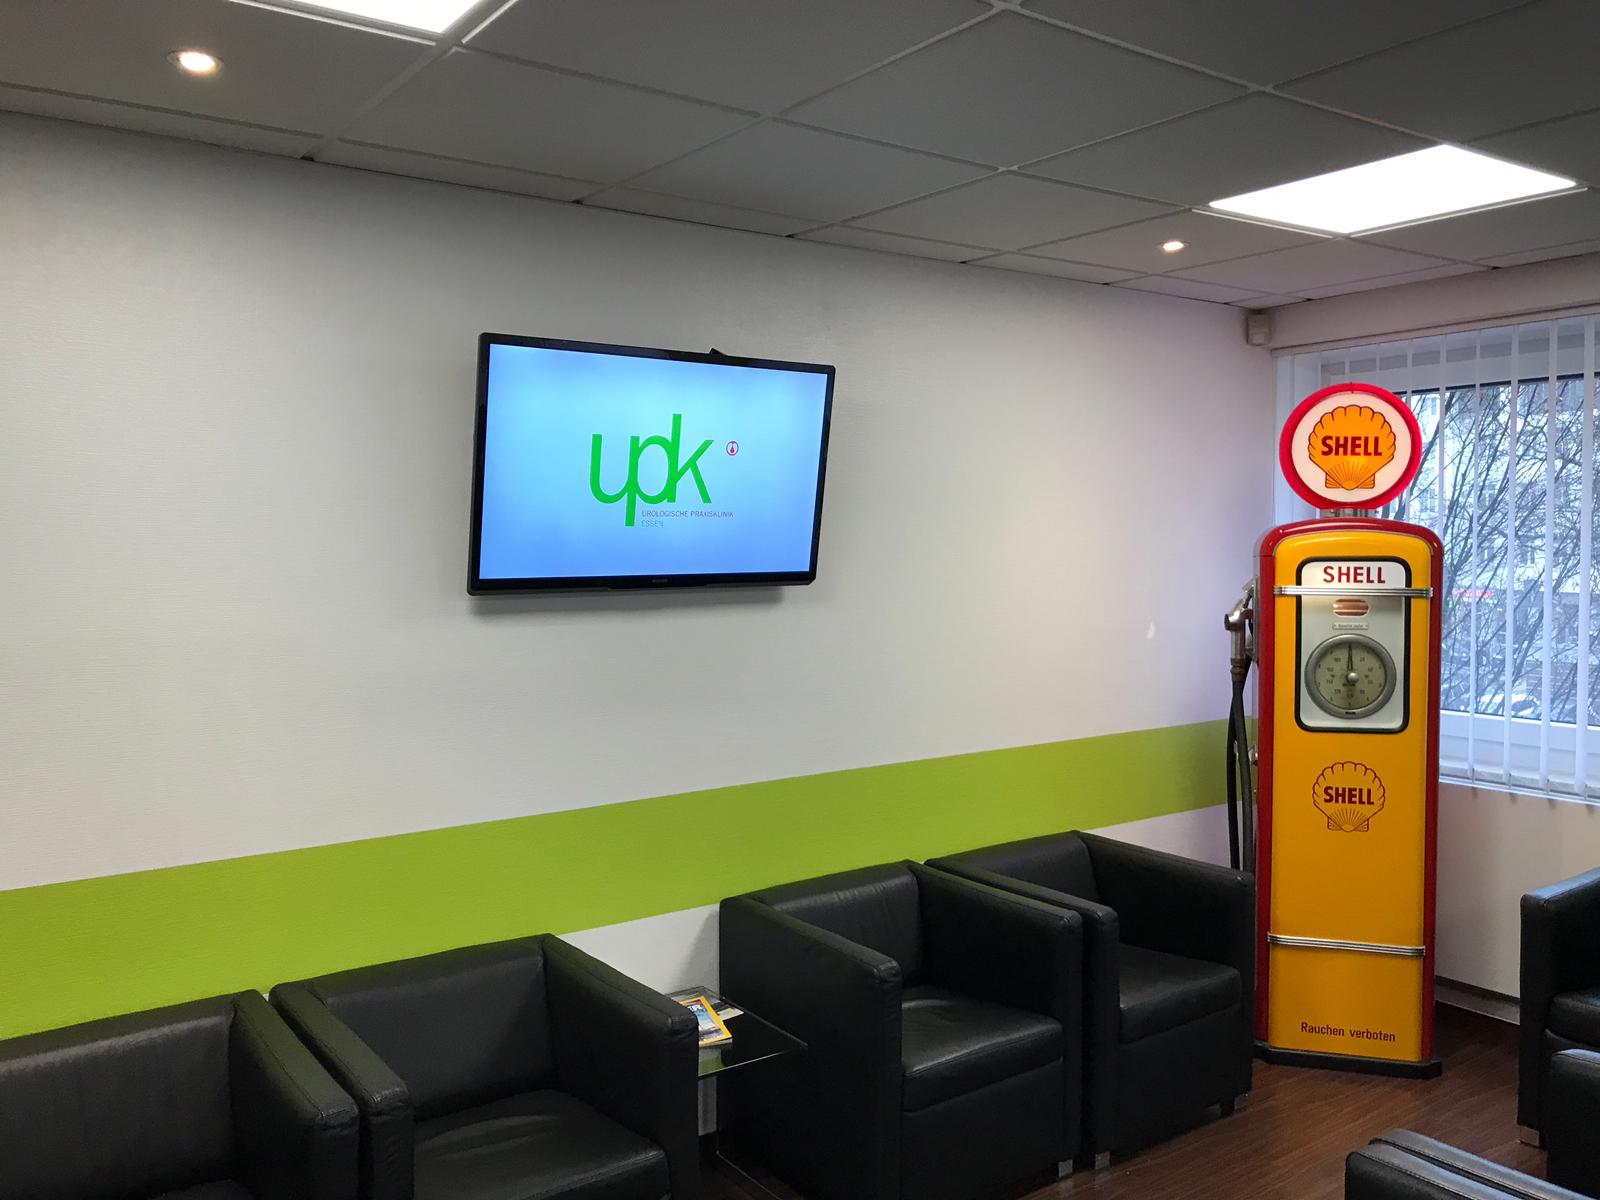 Wartezone TV upk